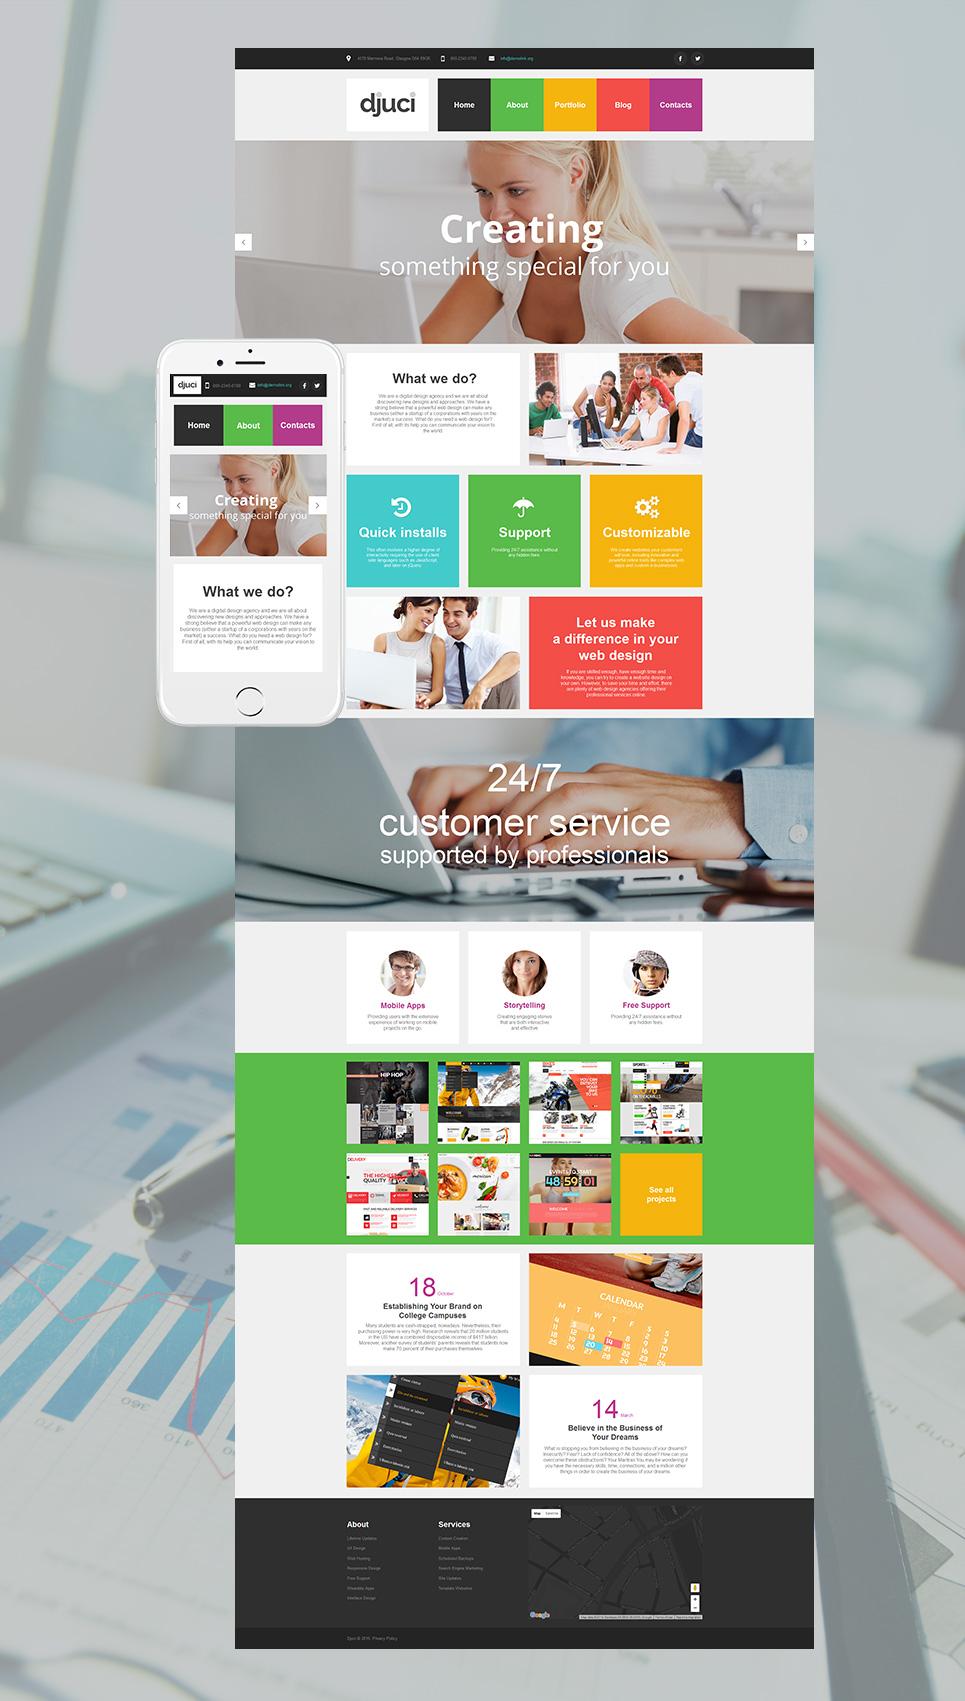 MotoCMS HTML Plantilla #58470 de categoría Diseño Web - image